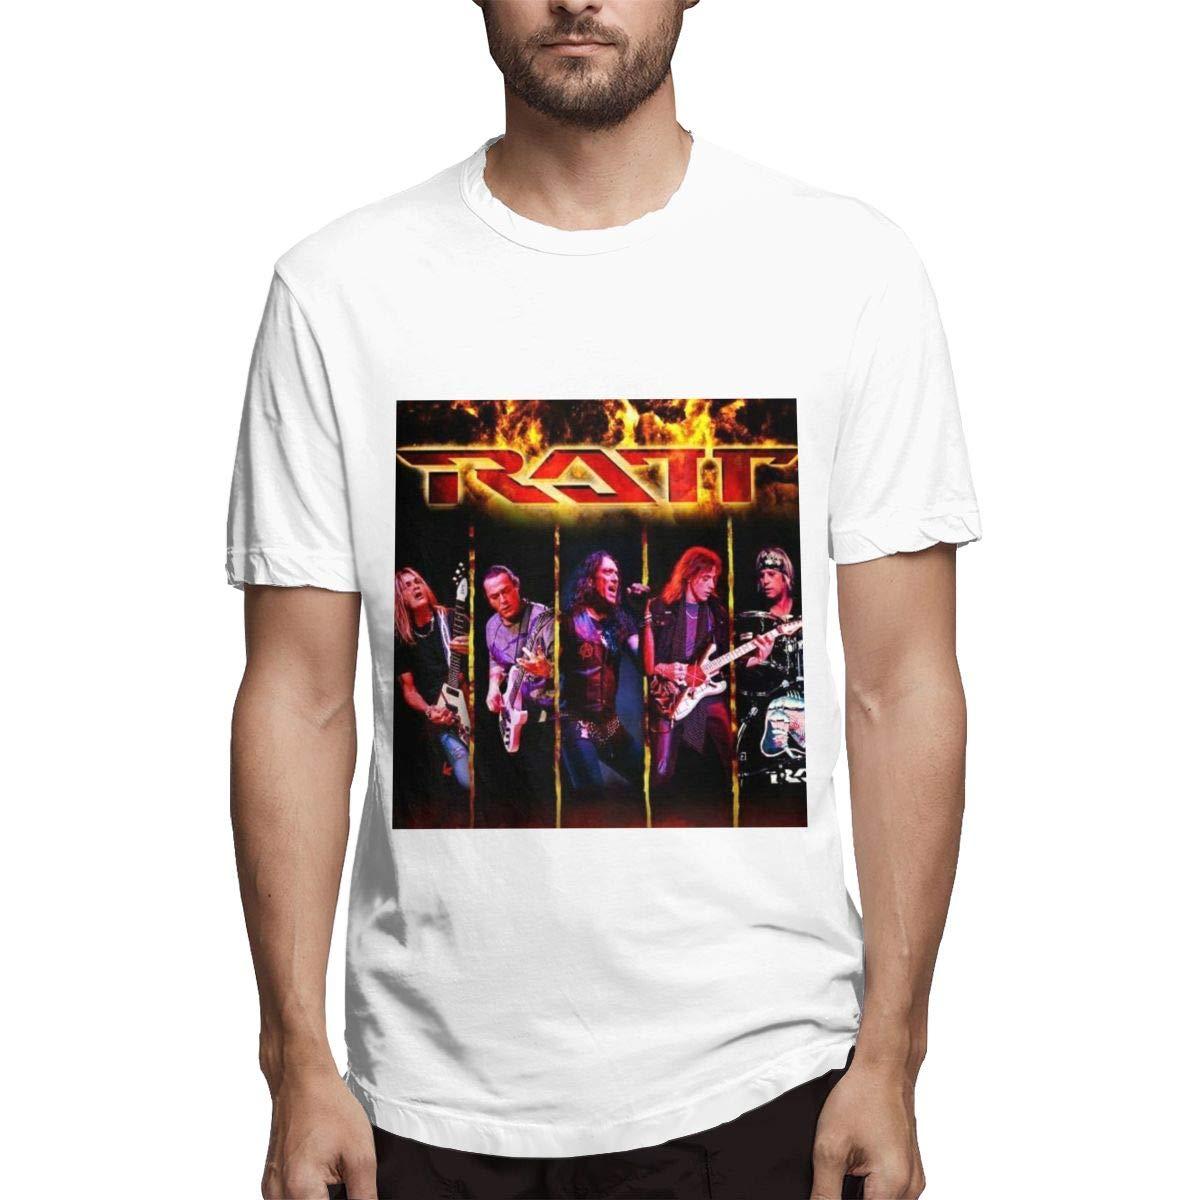 Lihehen S Ratt Band Retro Printing Round Neck Ts Shirts